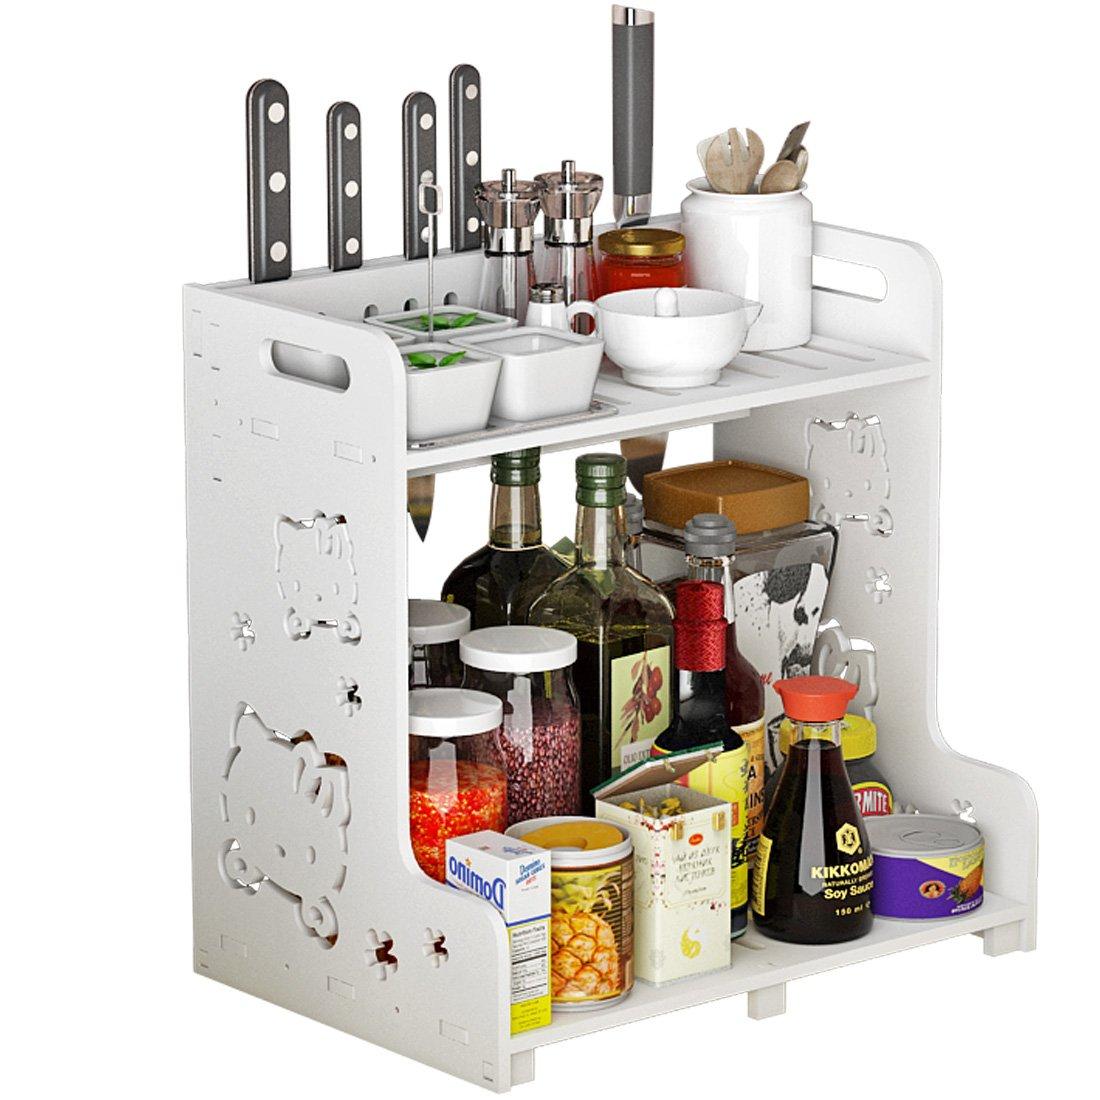 Kitchen Storage Rack, Komost 2-Tier Multi-functional Countertop Organizer Shelf, Kitchen Spice Rack